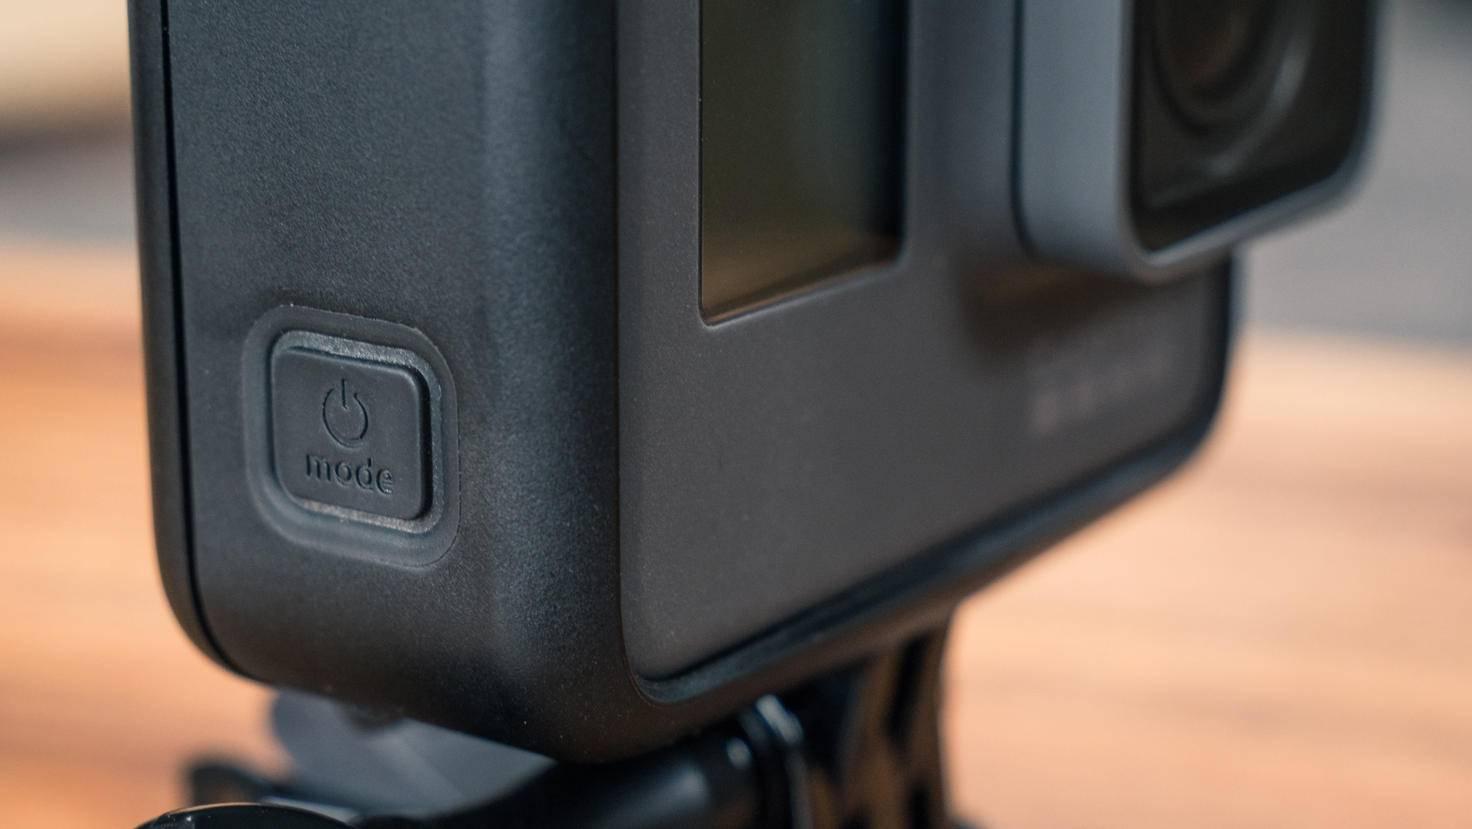 Der Power-Knopf sitzt unverändert an der Gehäuseseite.